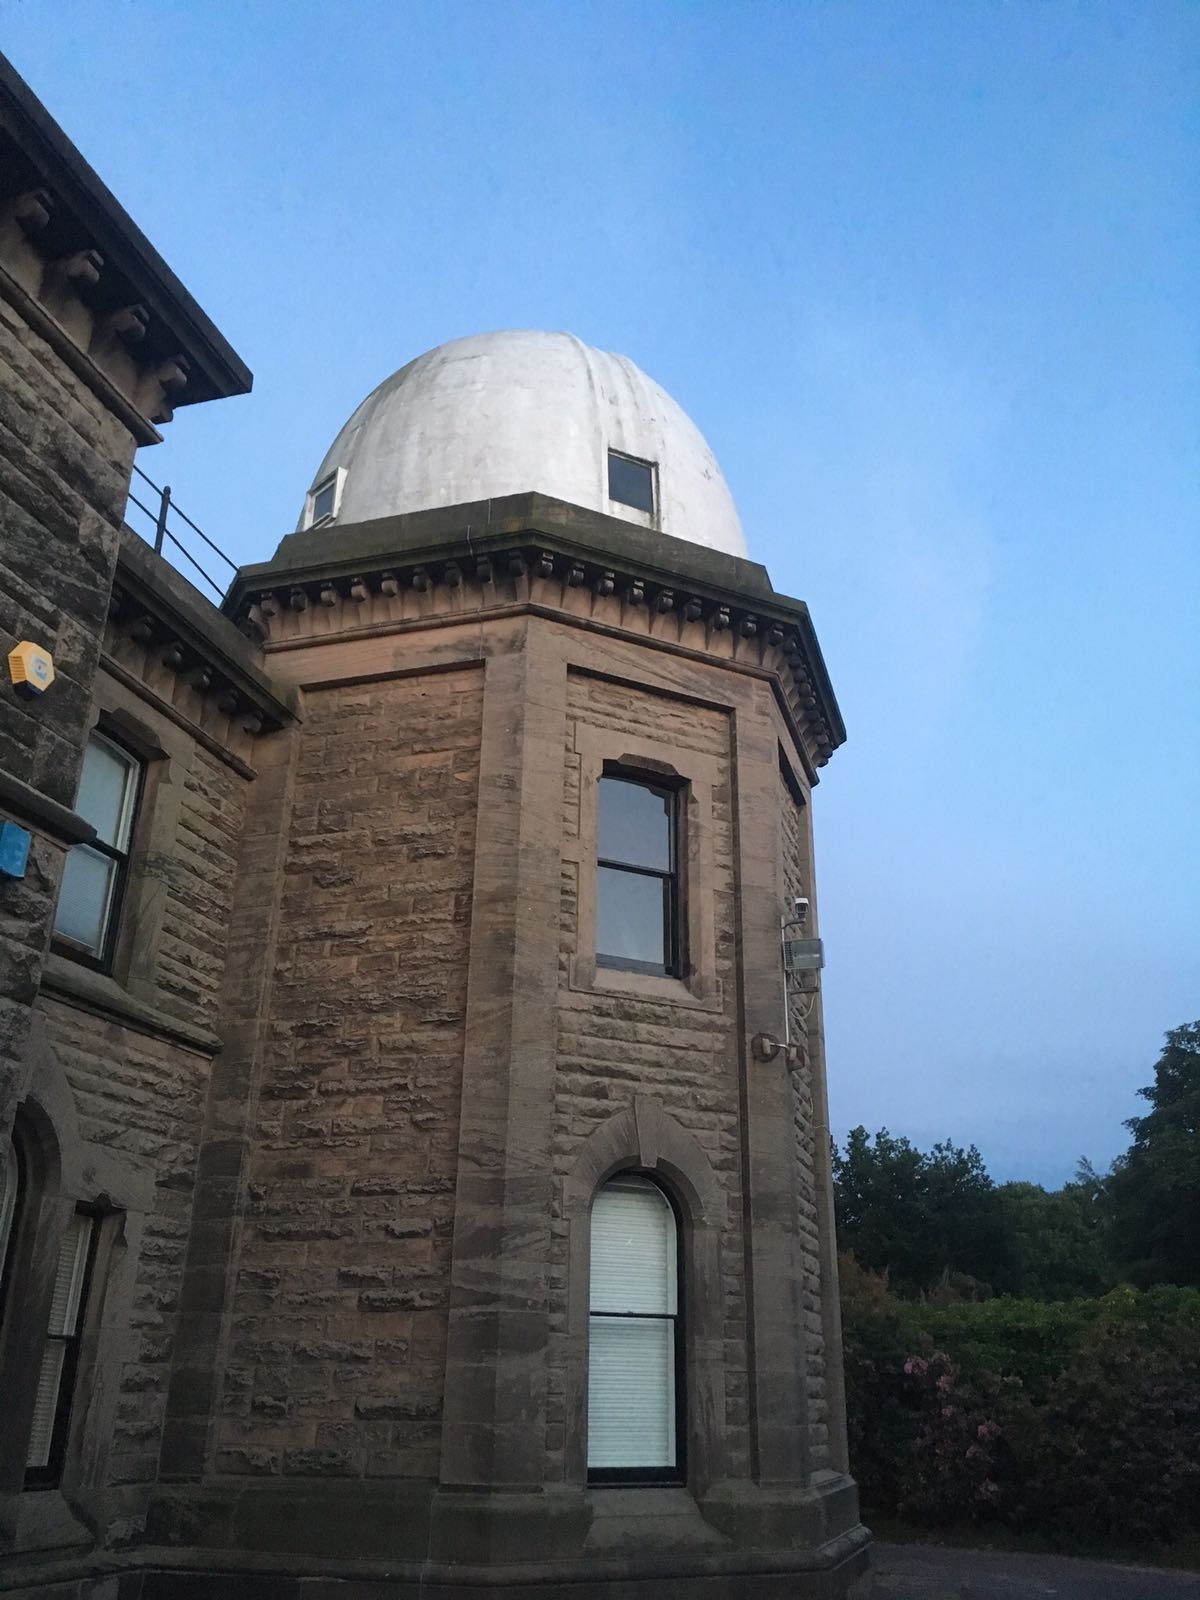 Diy Observatory Plans